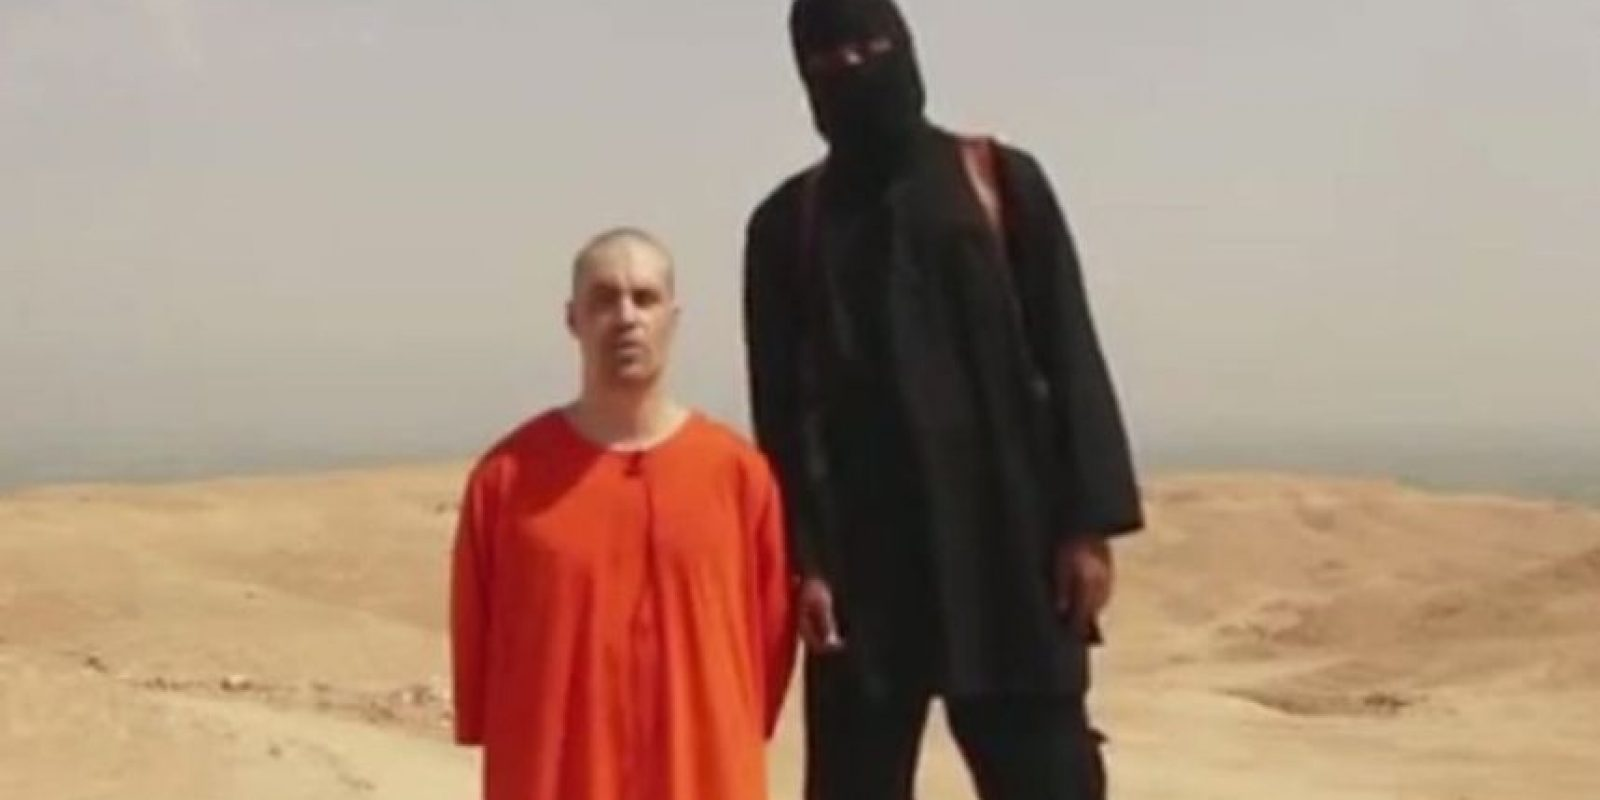 5. 19 de agosto: Decapitación del periodista James Foley Foto:AP